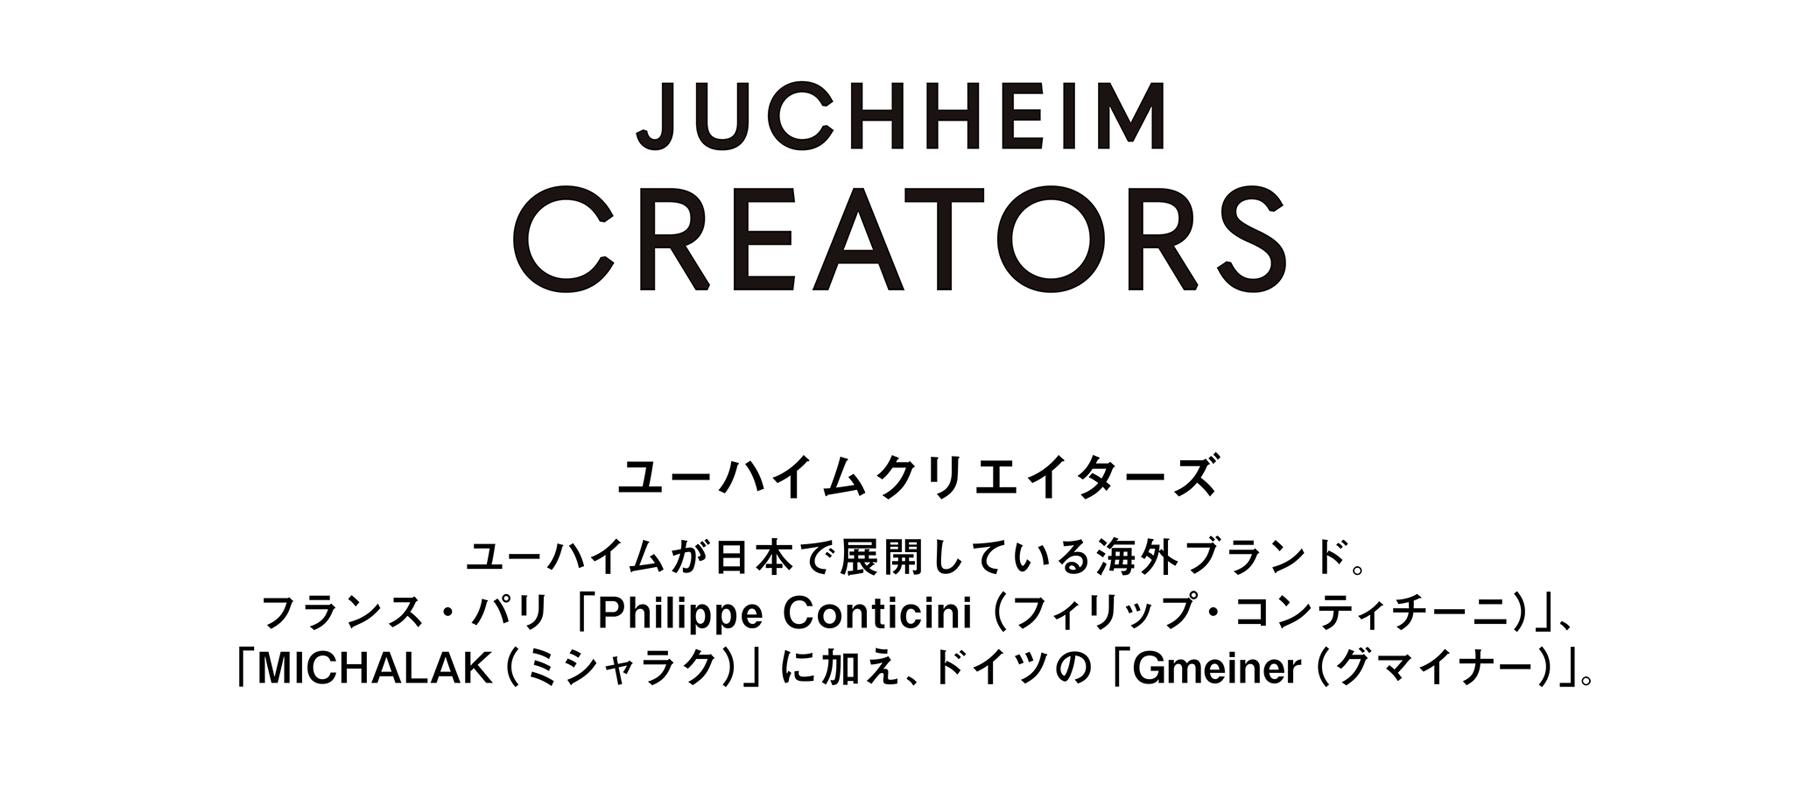 JUCHHEIM CREATORS ユーハイムクリエイターズ ユーハイムが日本で展開している海外ブランド。フランス・パリ「Philippe Conticini(フィリップ・コンティチーニ)」、「MICHALAK(ミシャラク)」に加え、ドイツの「Gmeiner(グマイナー)」。